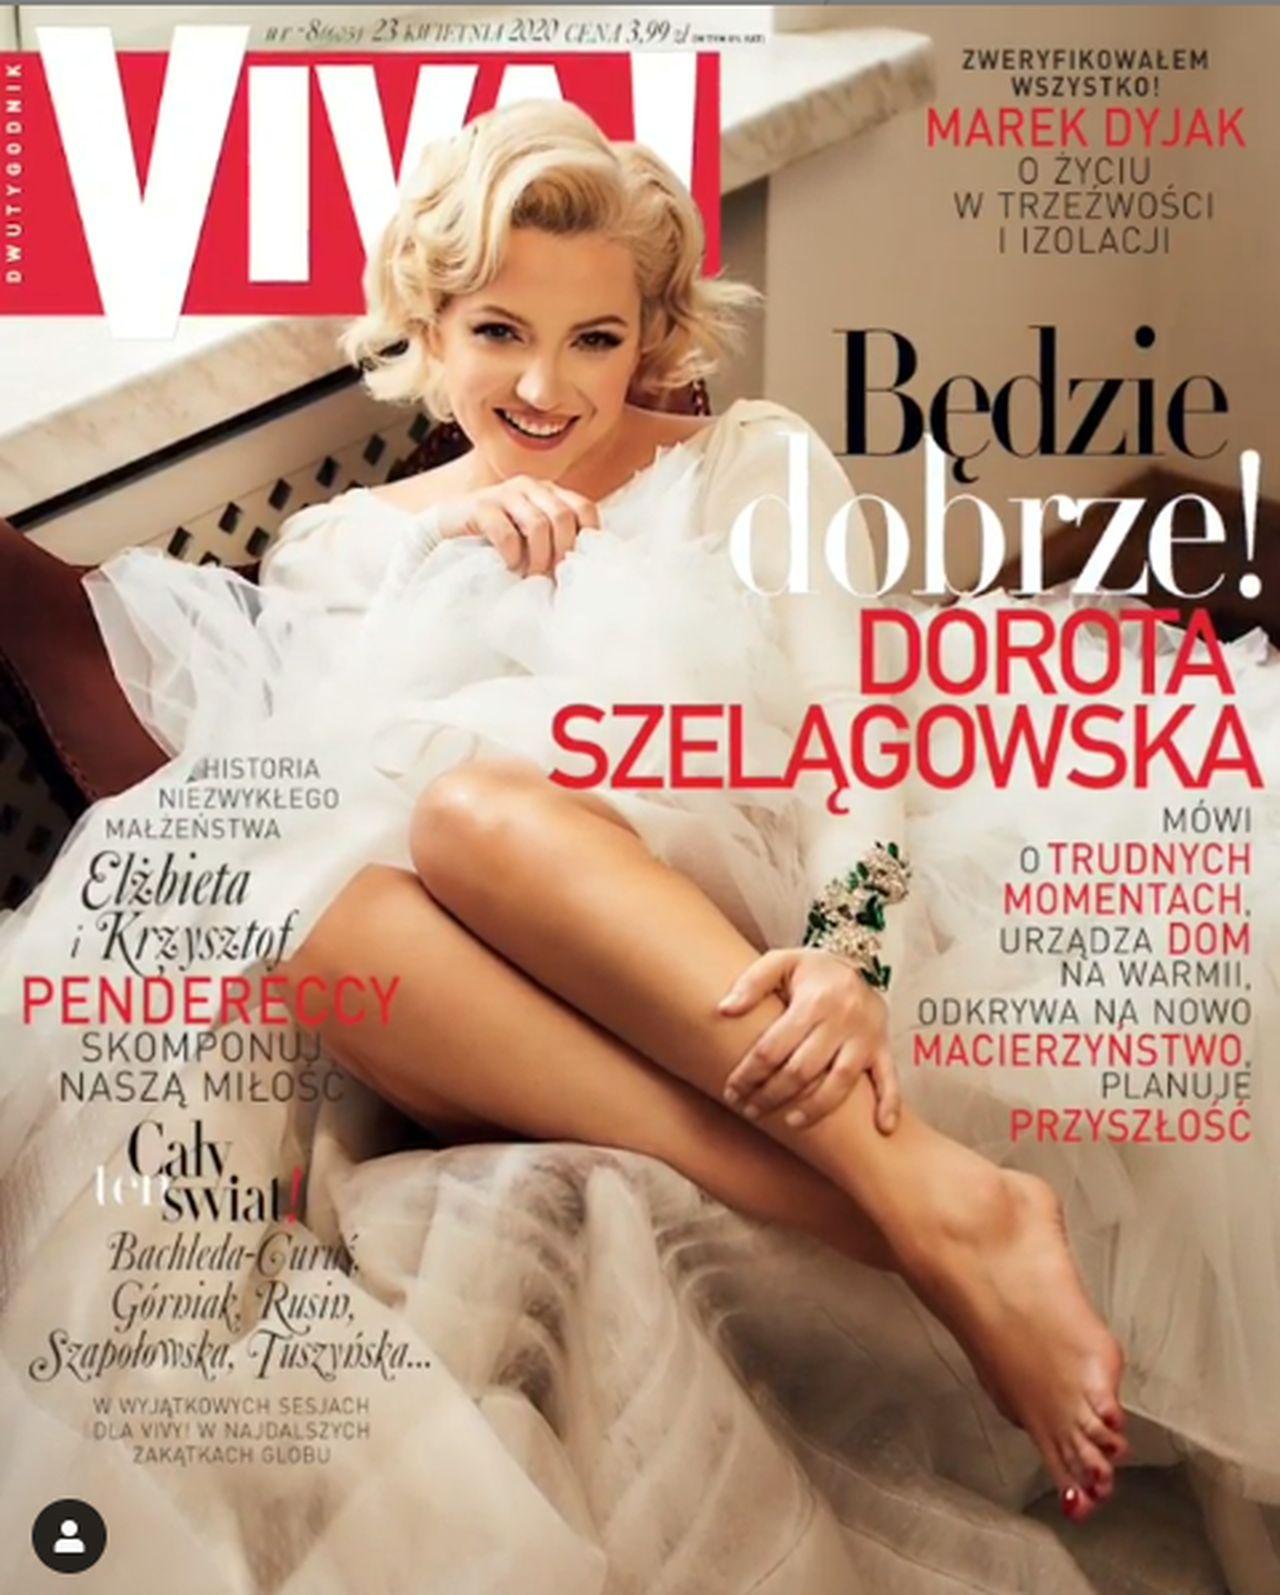 """Dorota Szelągowska na okładce """"Vivy!"""""""